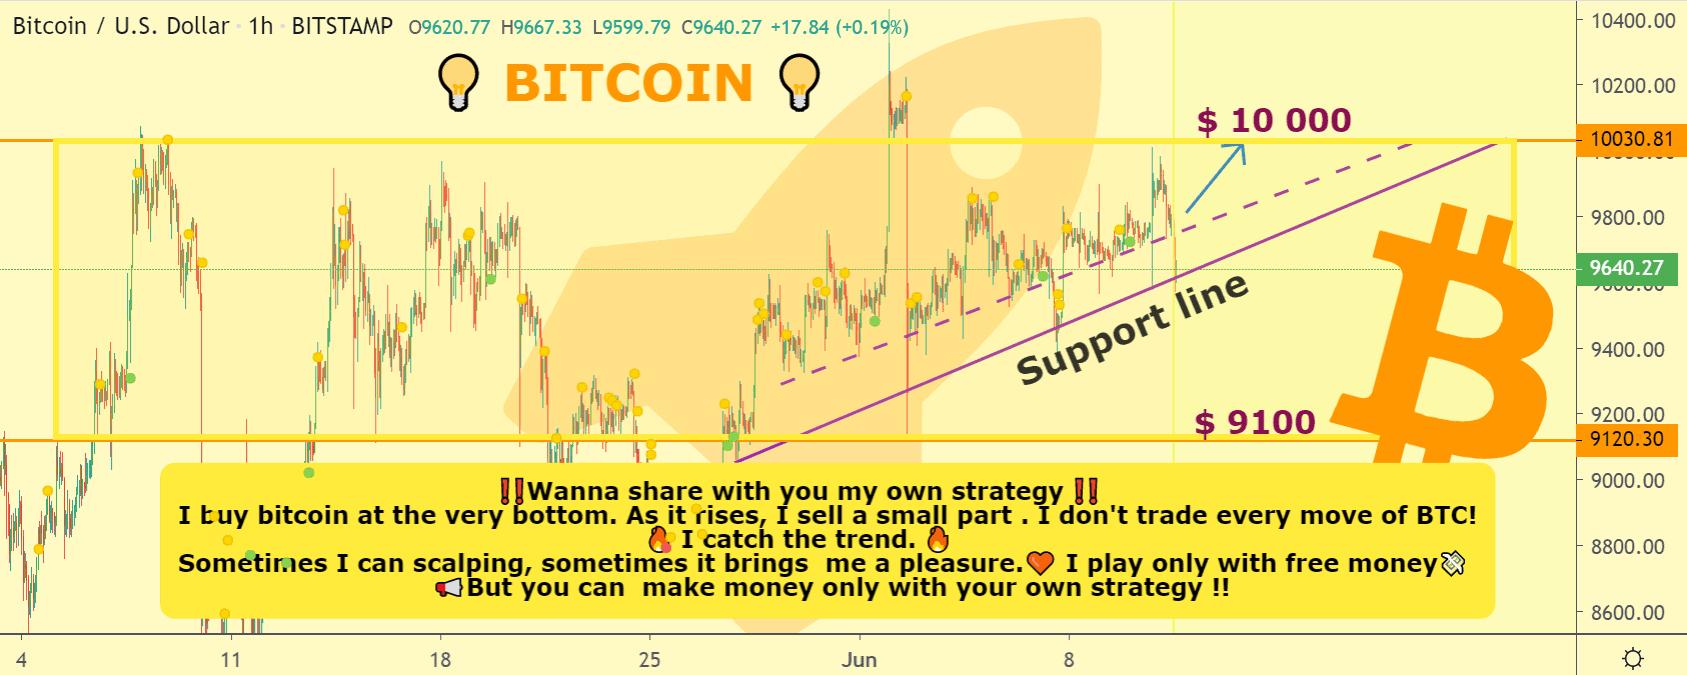 Bitcoin price chart 2 - Jun11